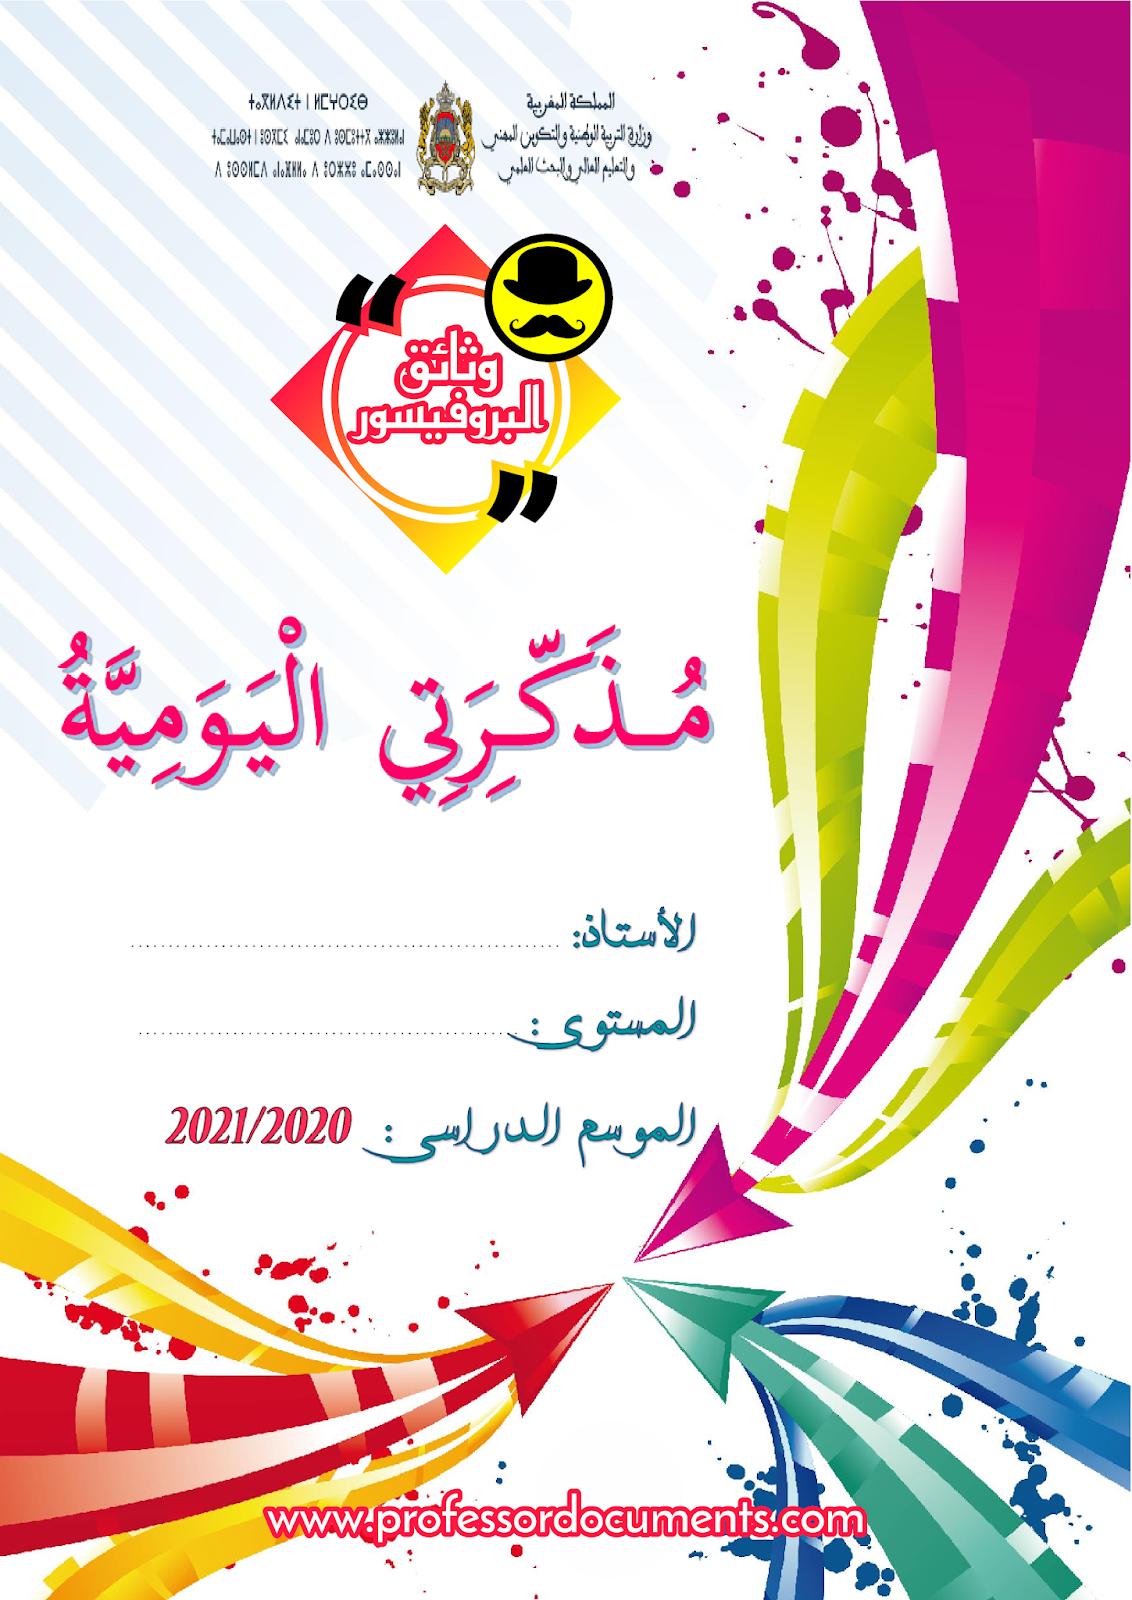 واجهة المذكرة اليومية للتعليم الابتدائي - الموسم الدراسي 2021/2020 .